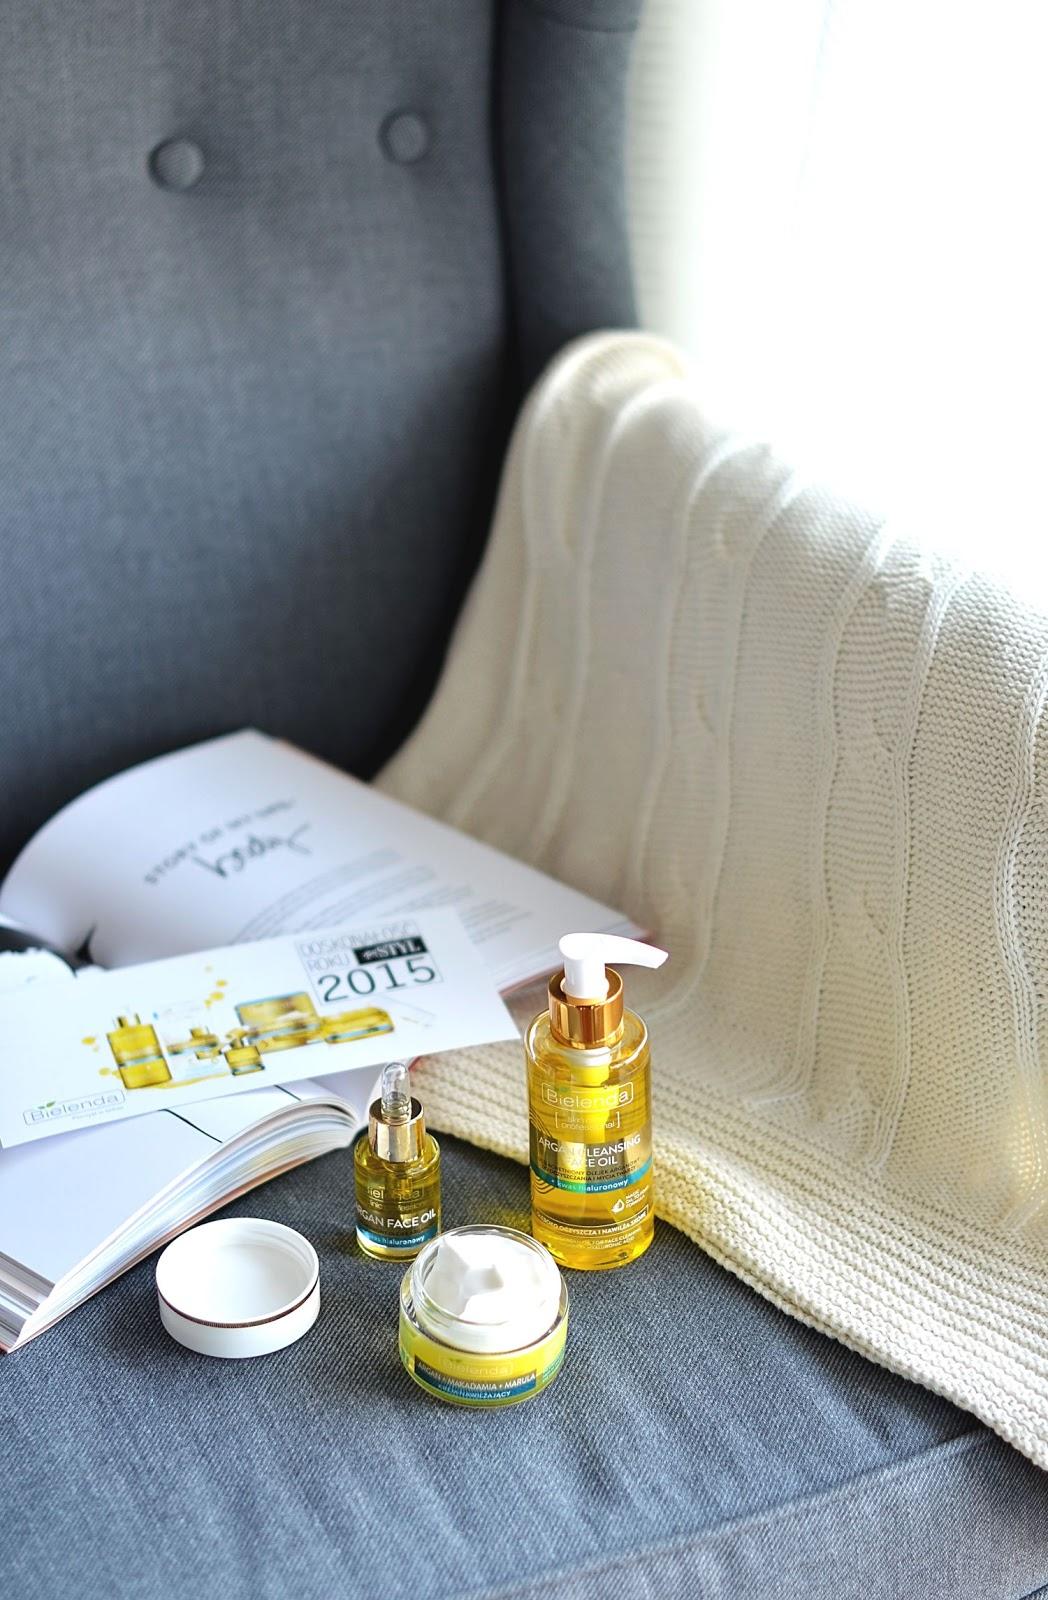 kosmetyki nawilzajace | krem nawilzajacy | jak dziala kwas hialuronowy